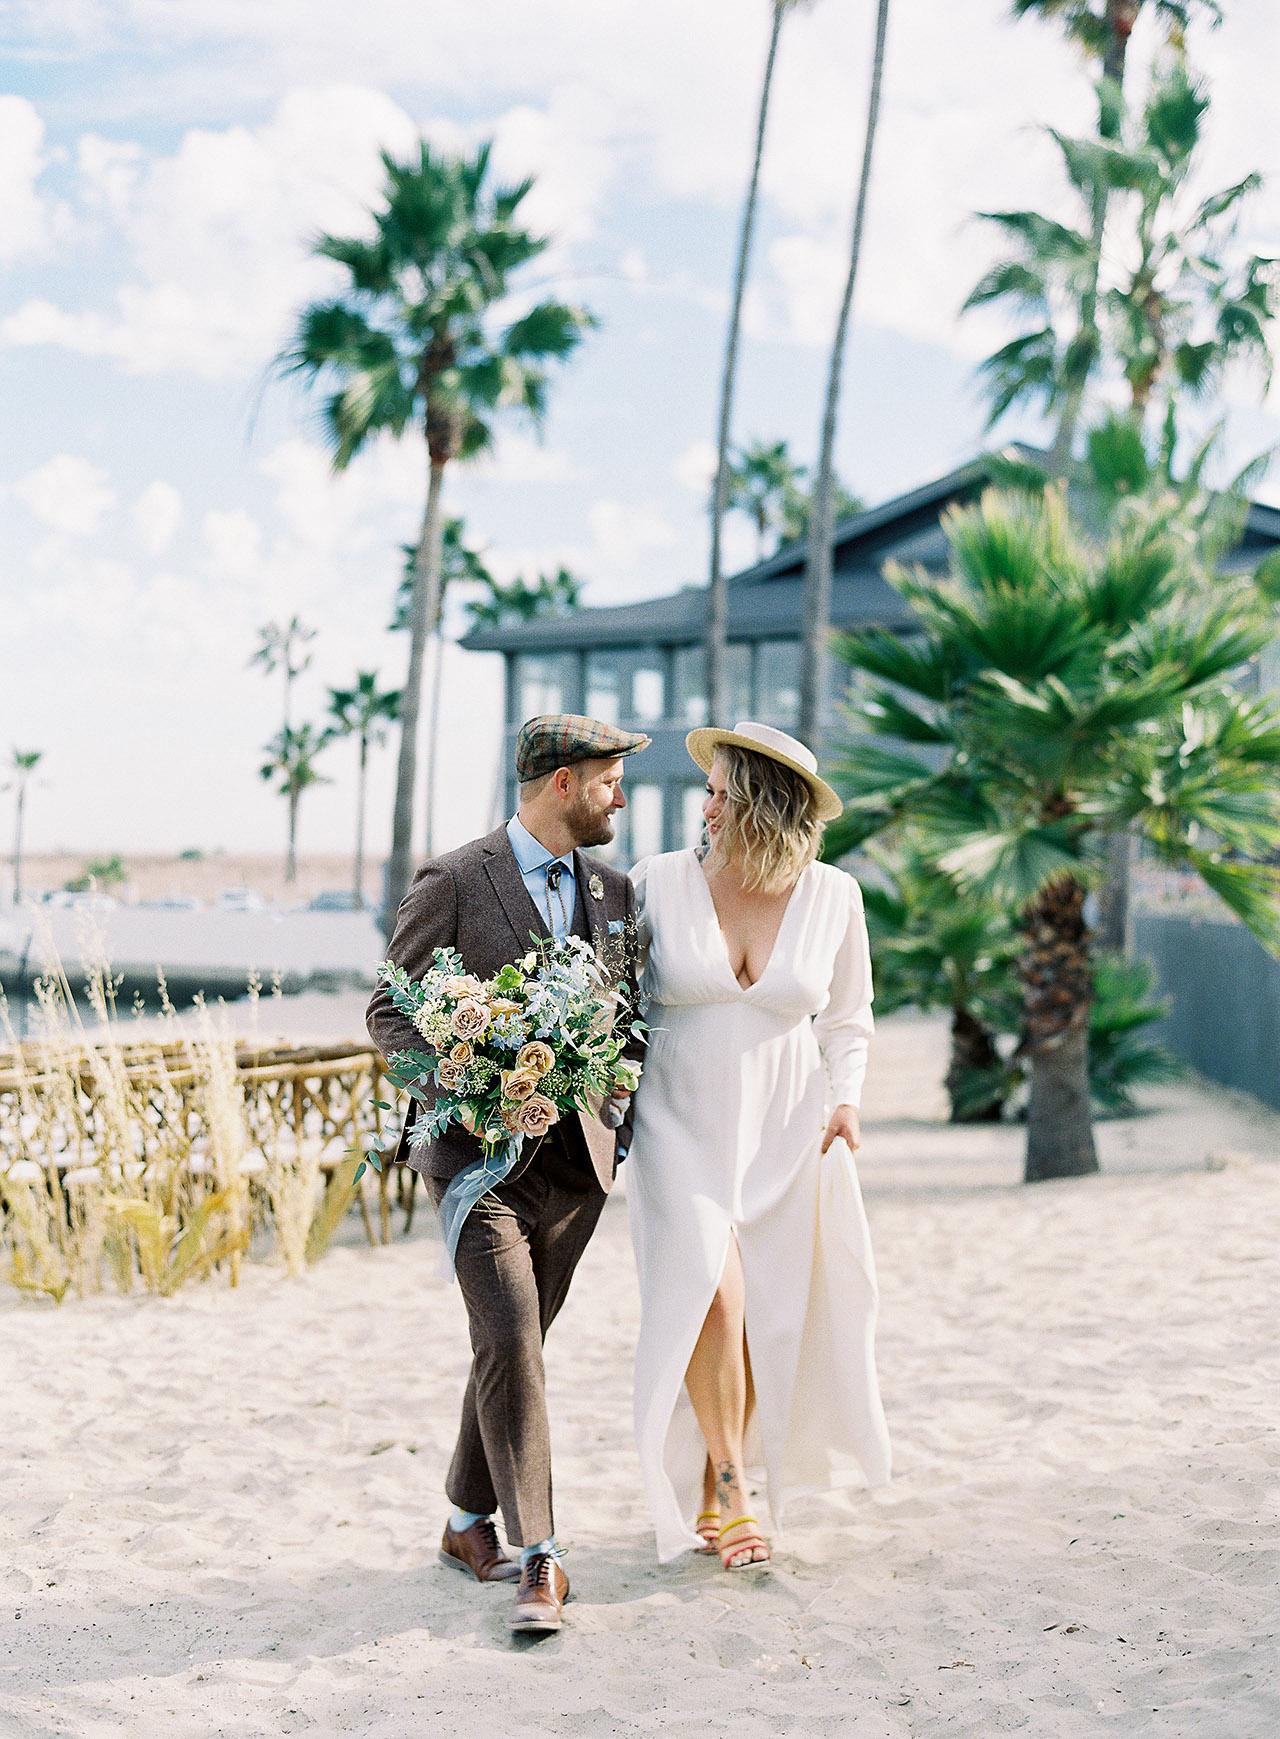 janelle stephen wedding couple walking